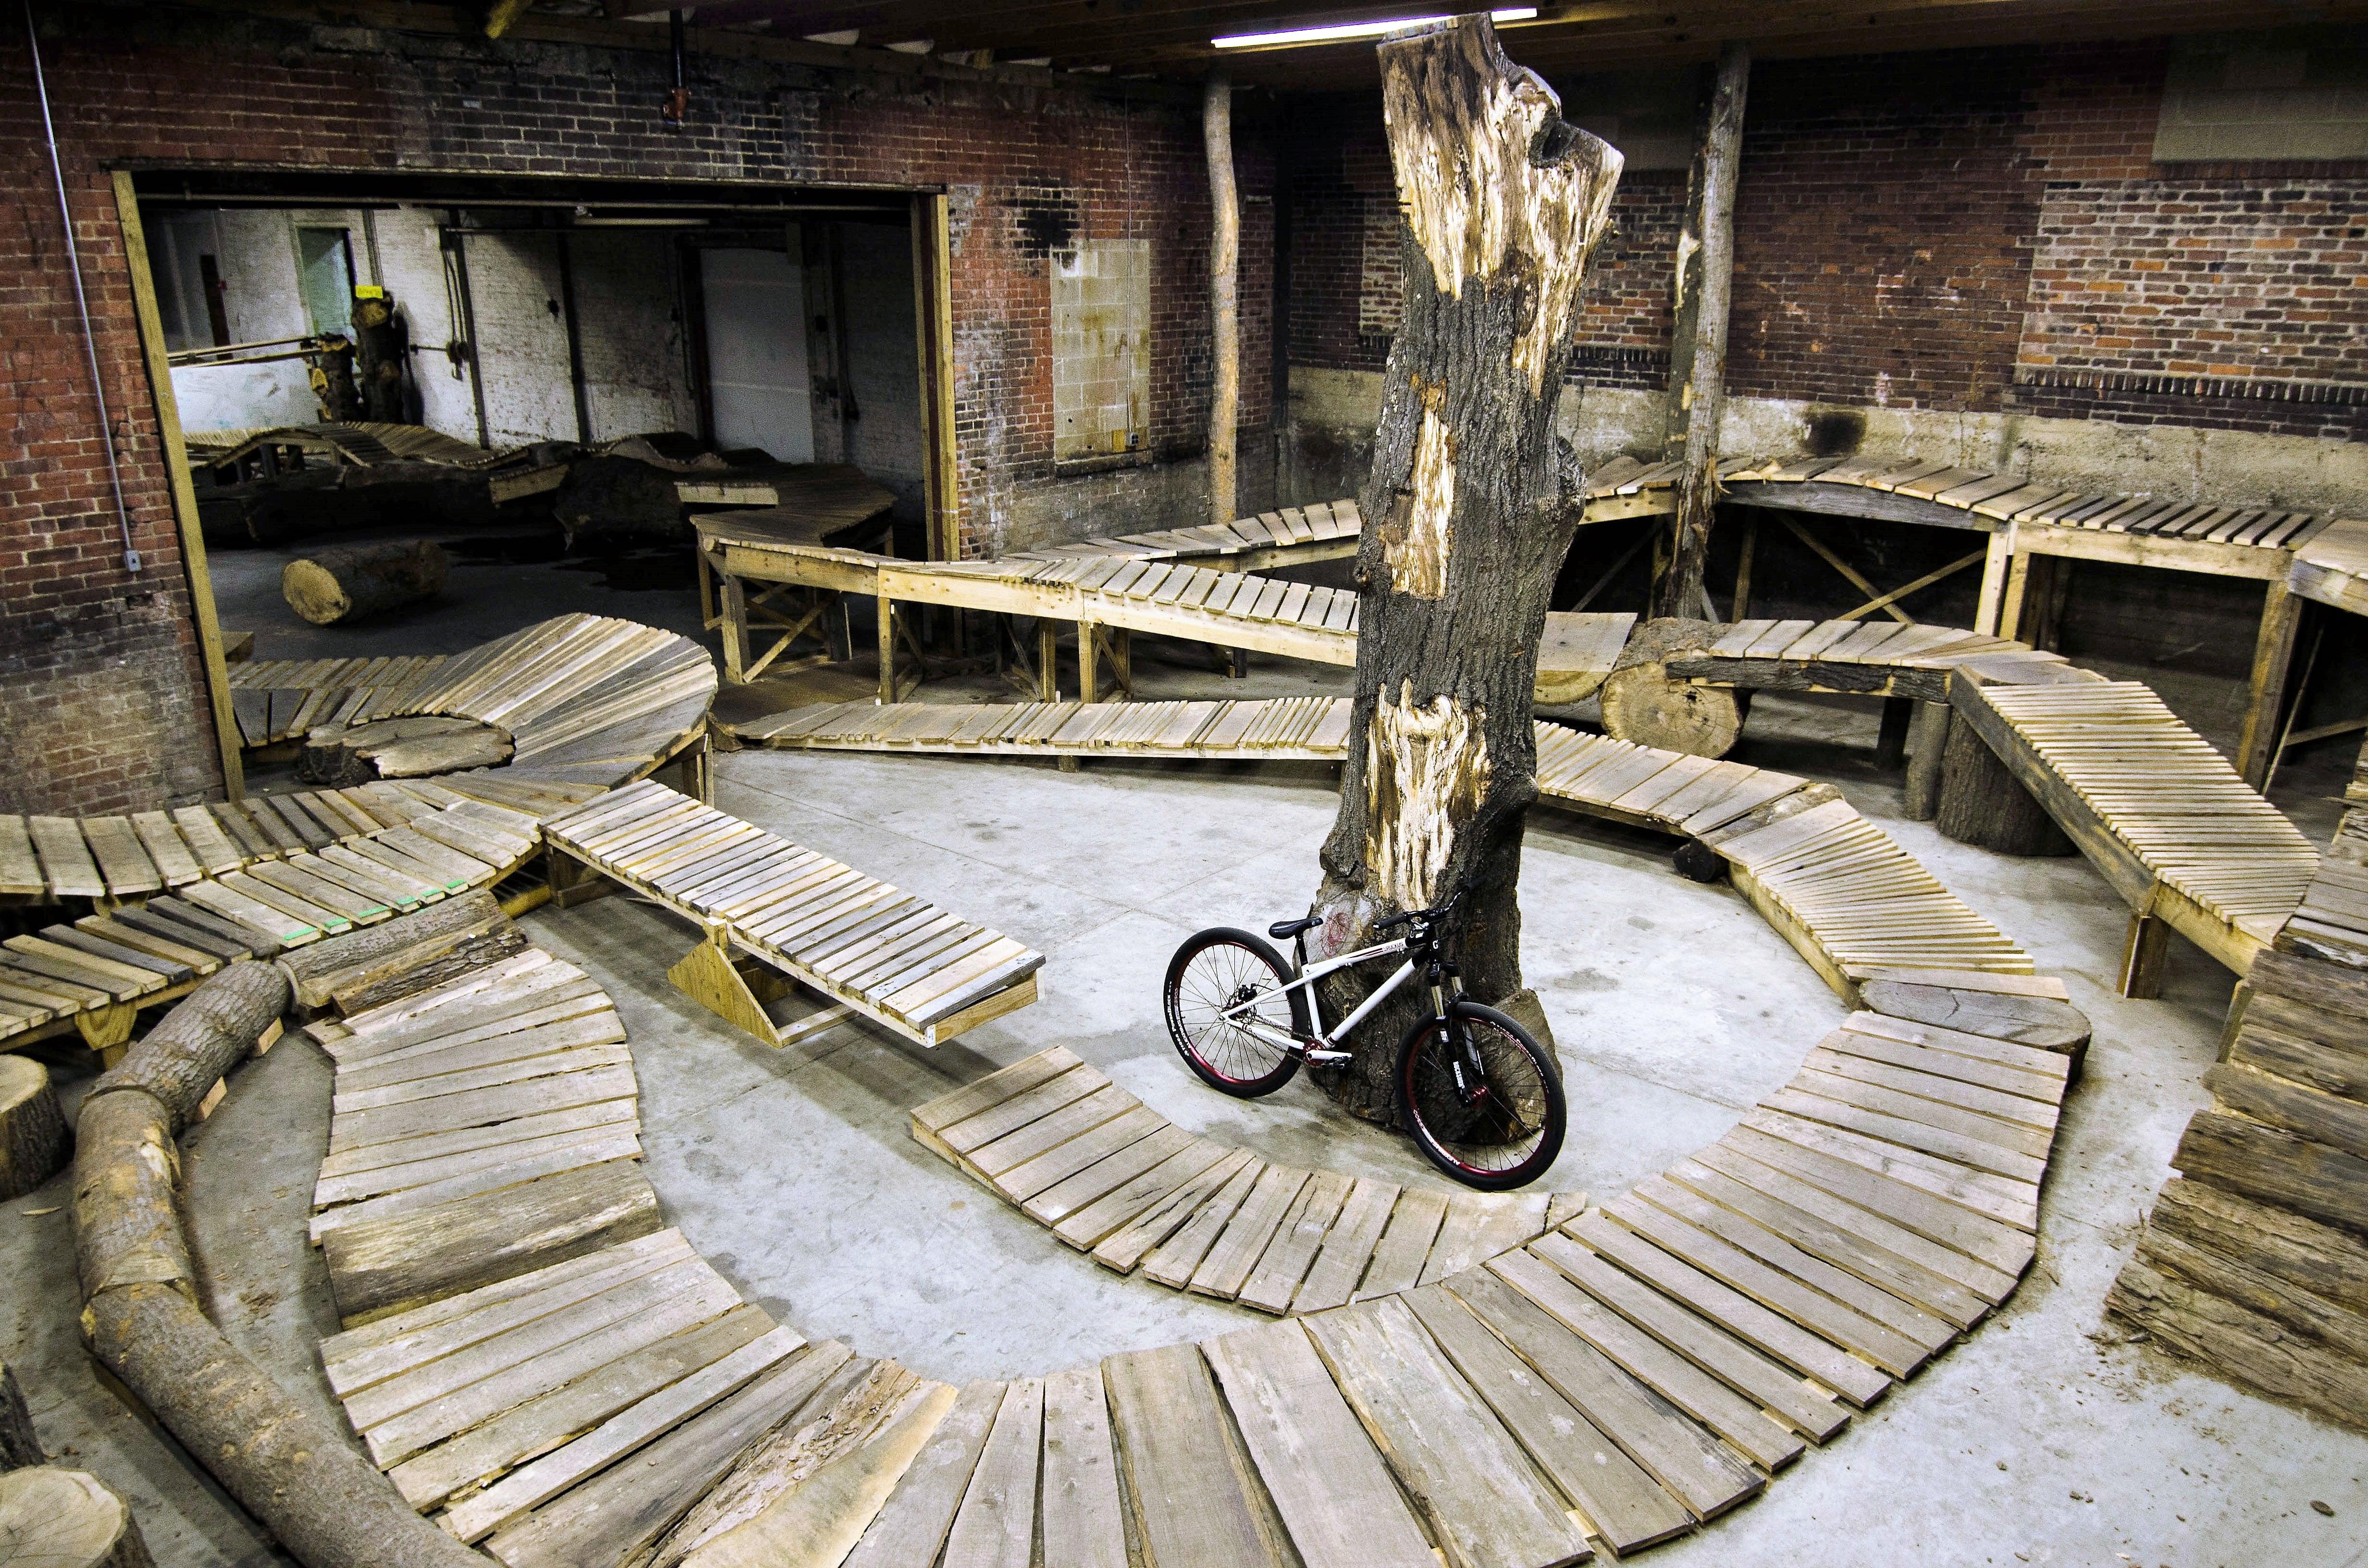 weride-bike-park-indoor